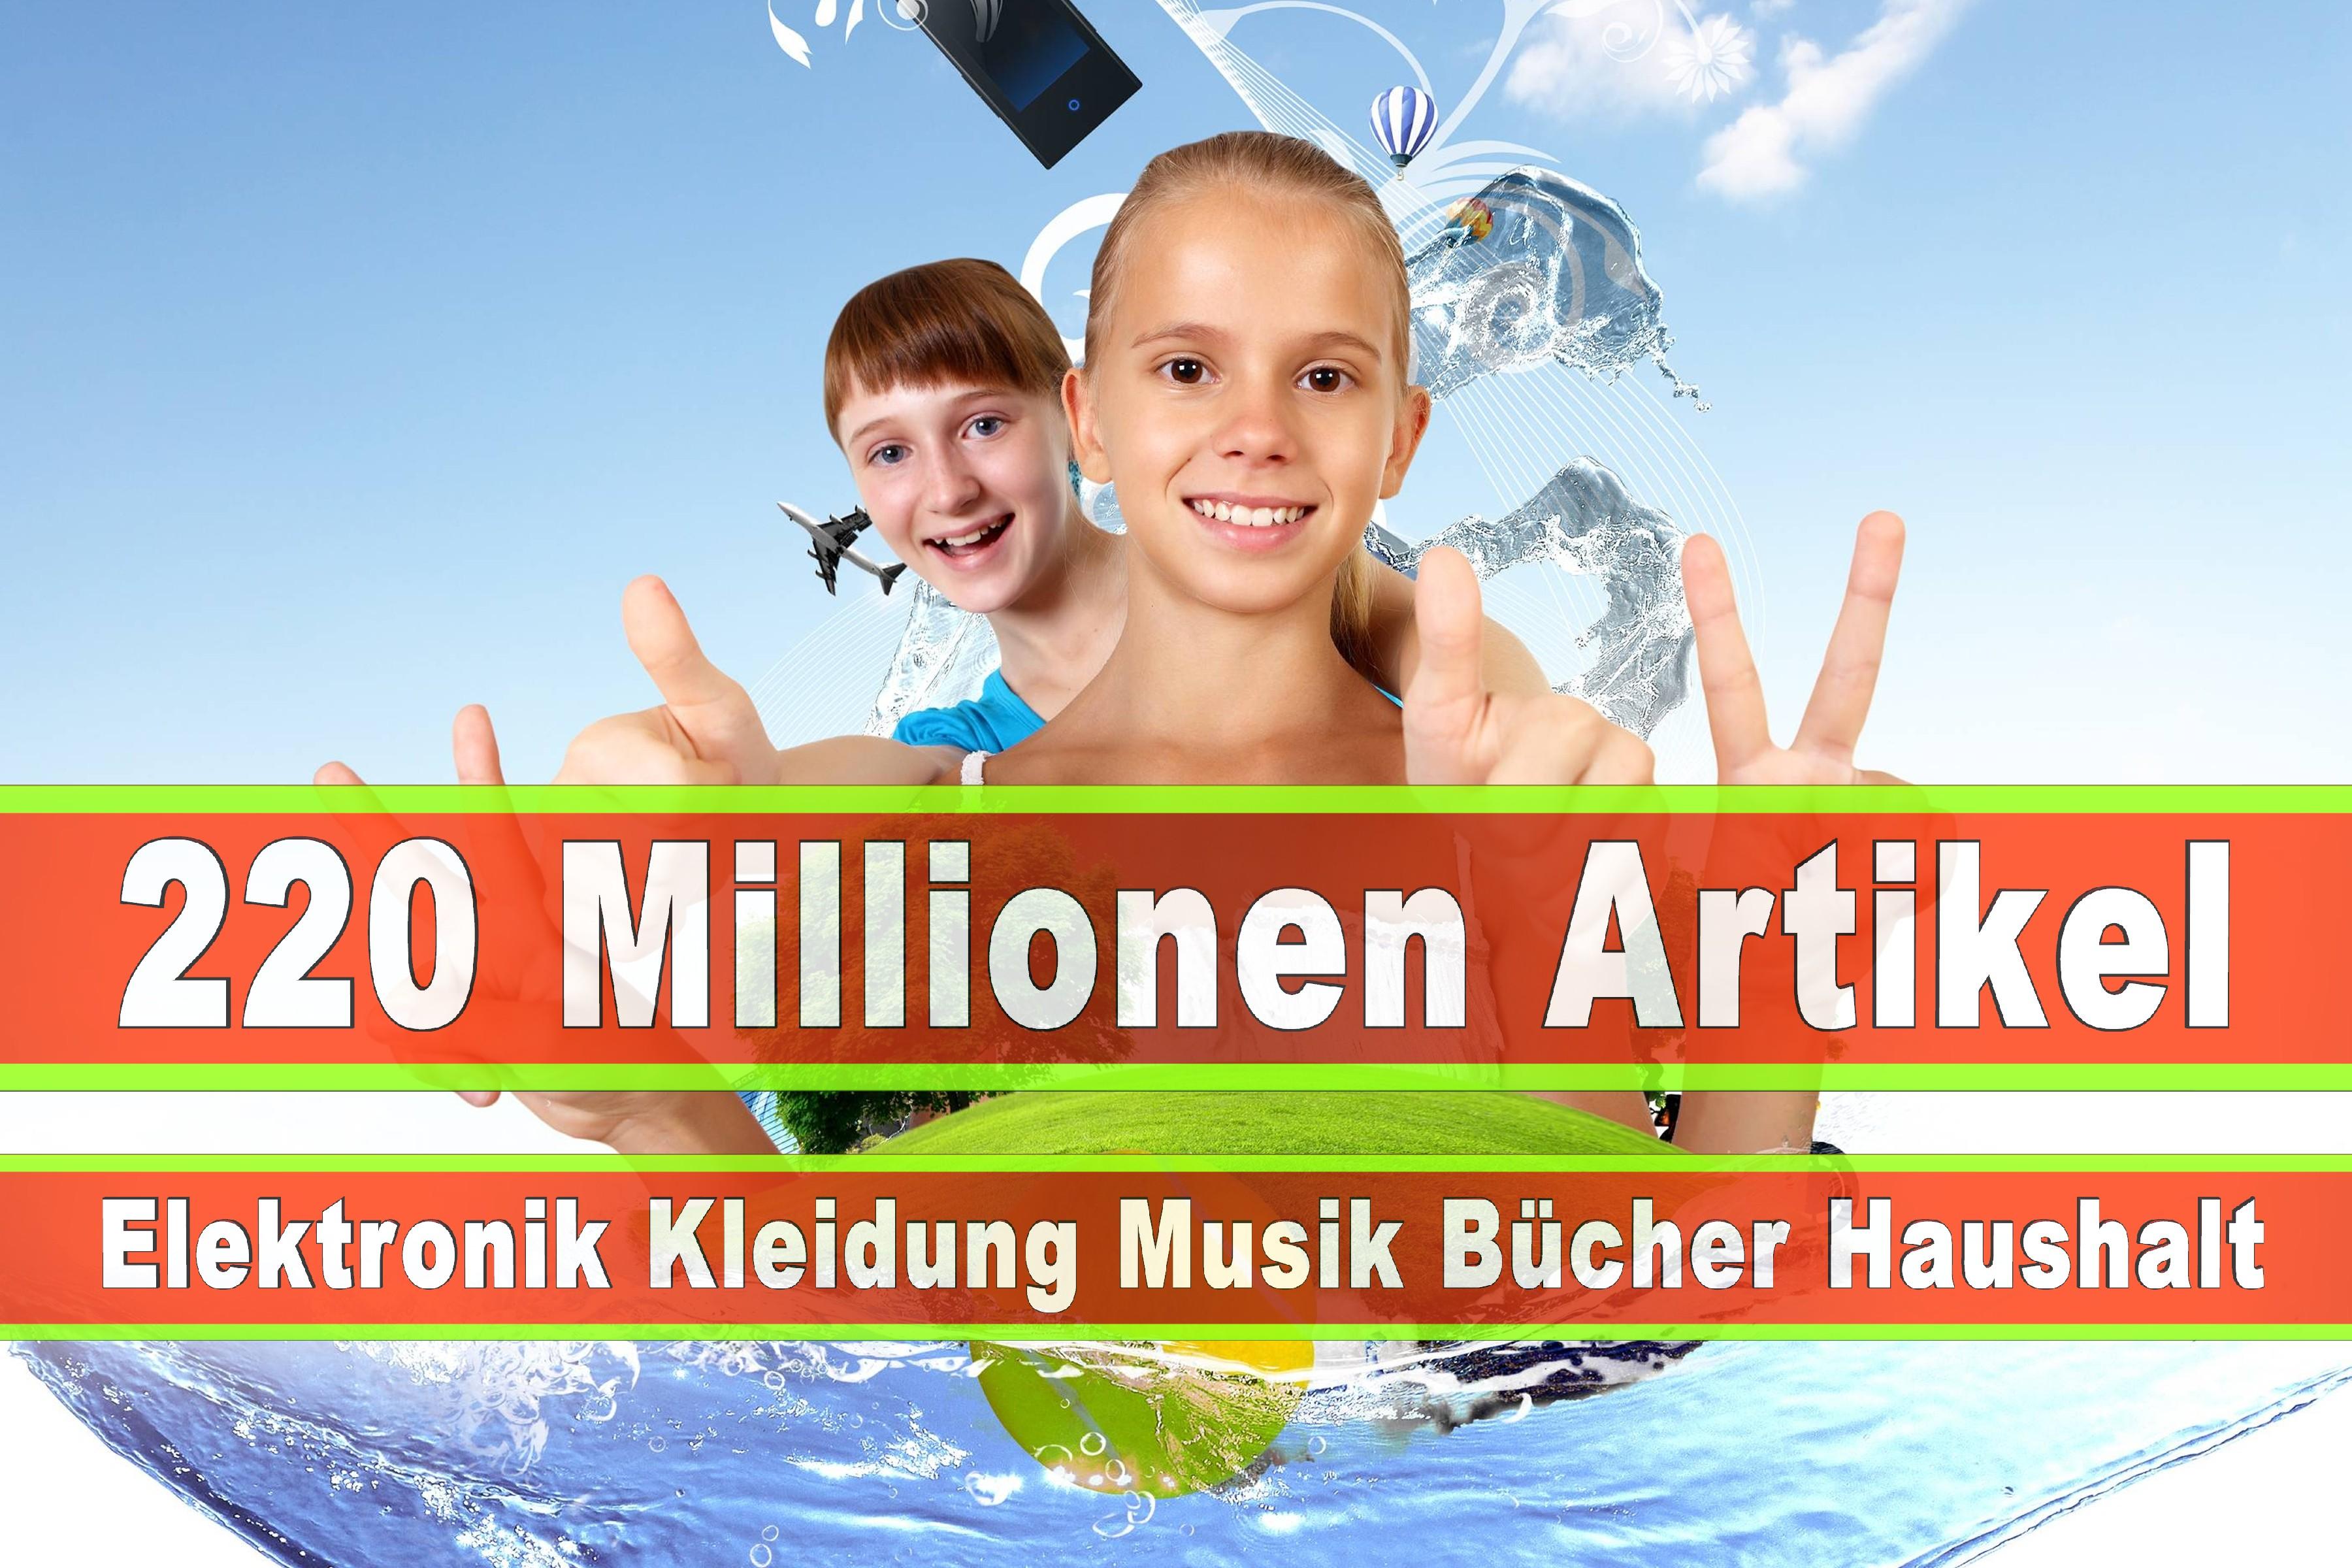 Amazon Elektronik Musik Haushalt Bücher CD DVD Handys Smartphones TV Television Fernseher Kleidung Mode Ebay Versandhaus (182)